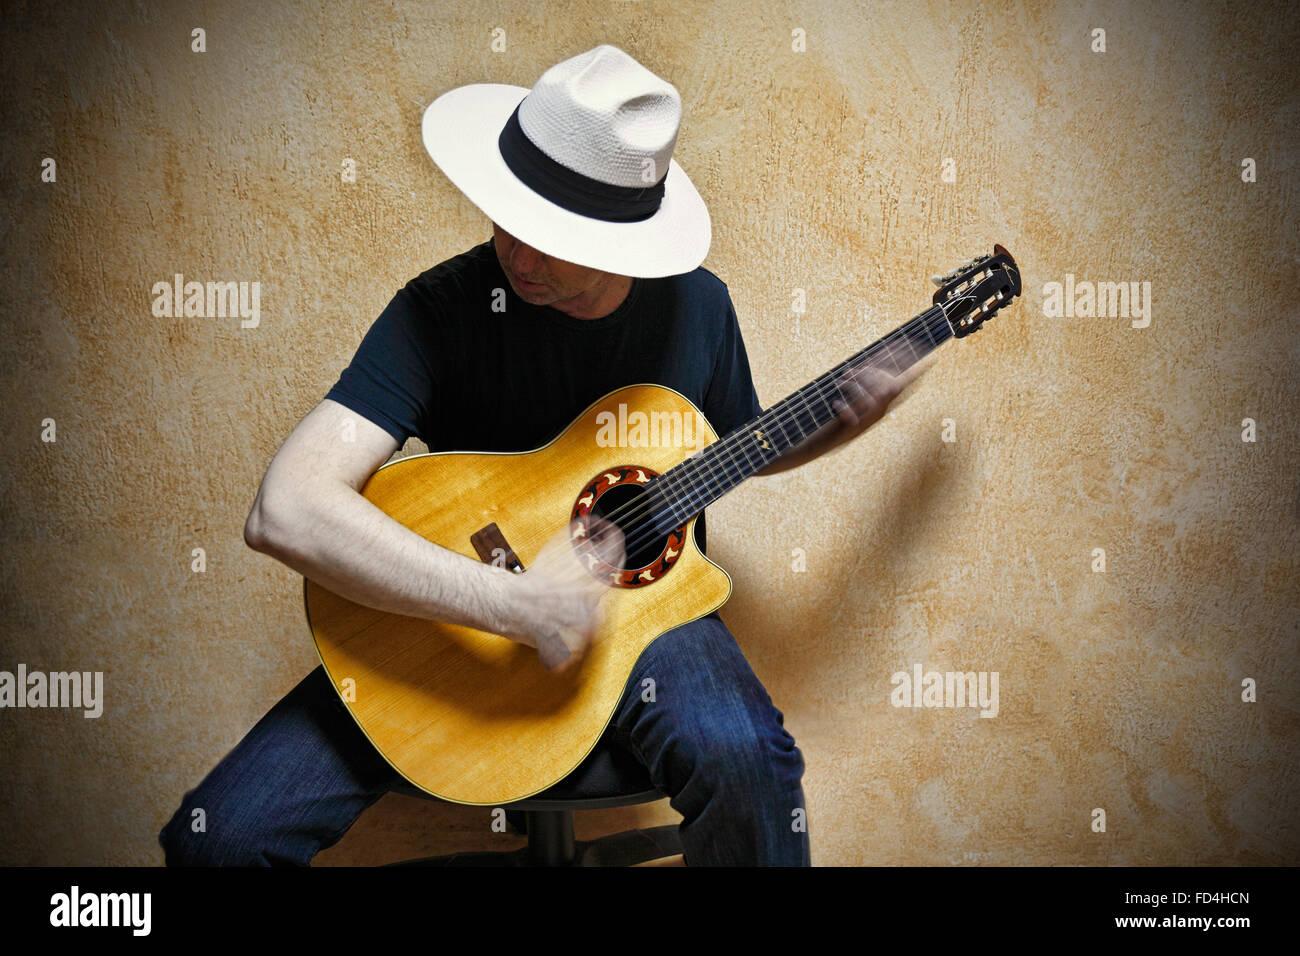 Ein Gitarrist Gitarre wirklich schnell. Stockbild